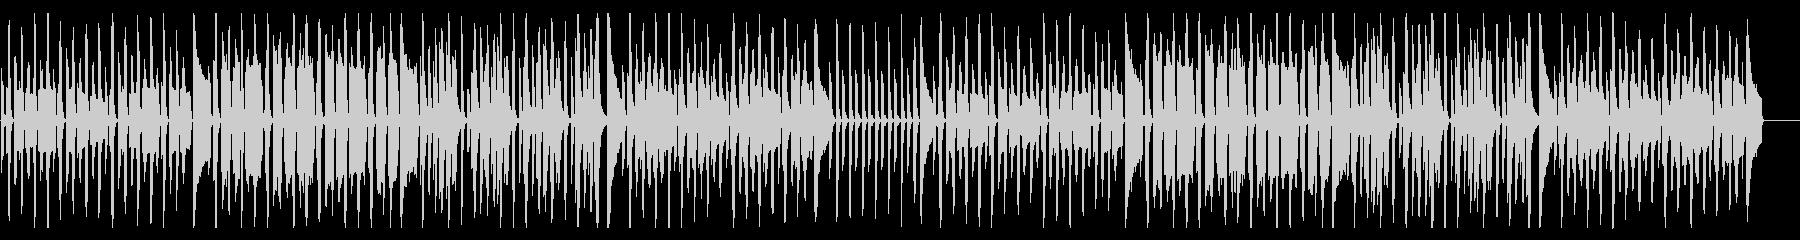 ほのぼの可愛い、コミカルな日常系BGMの未再生の波形